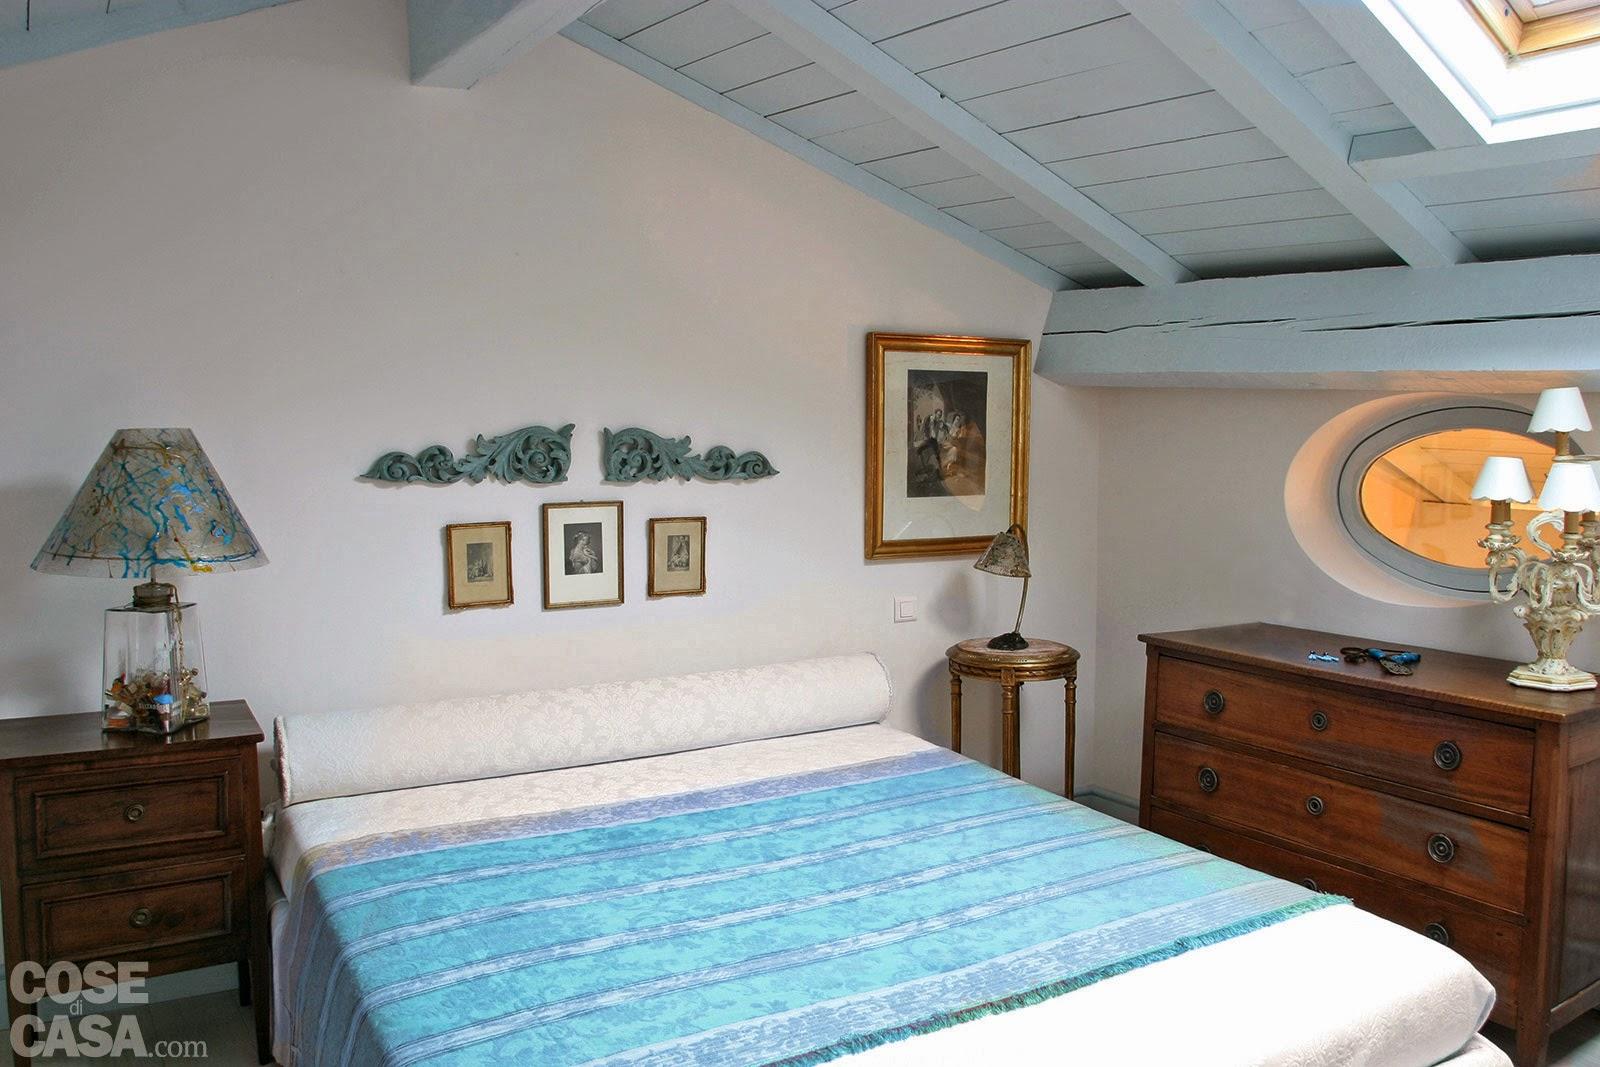 Interior design small space 60 mq una casa in tonalit for Desinging una casa